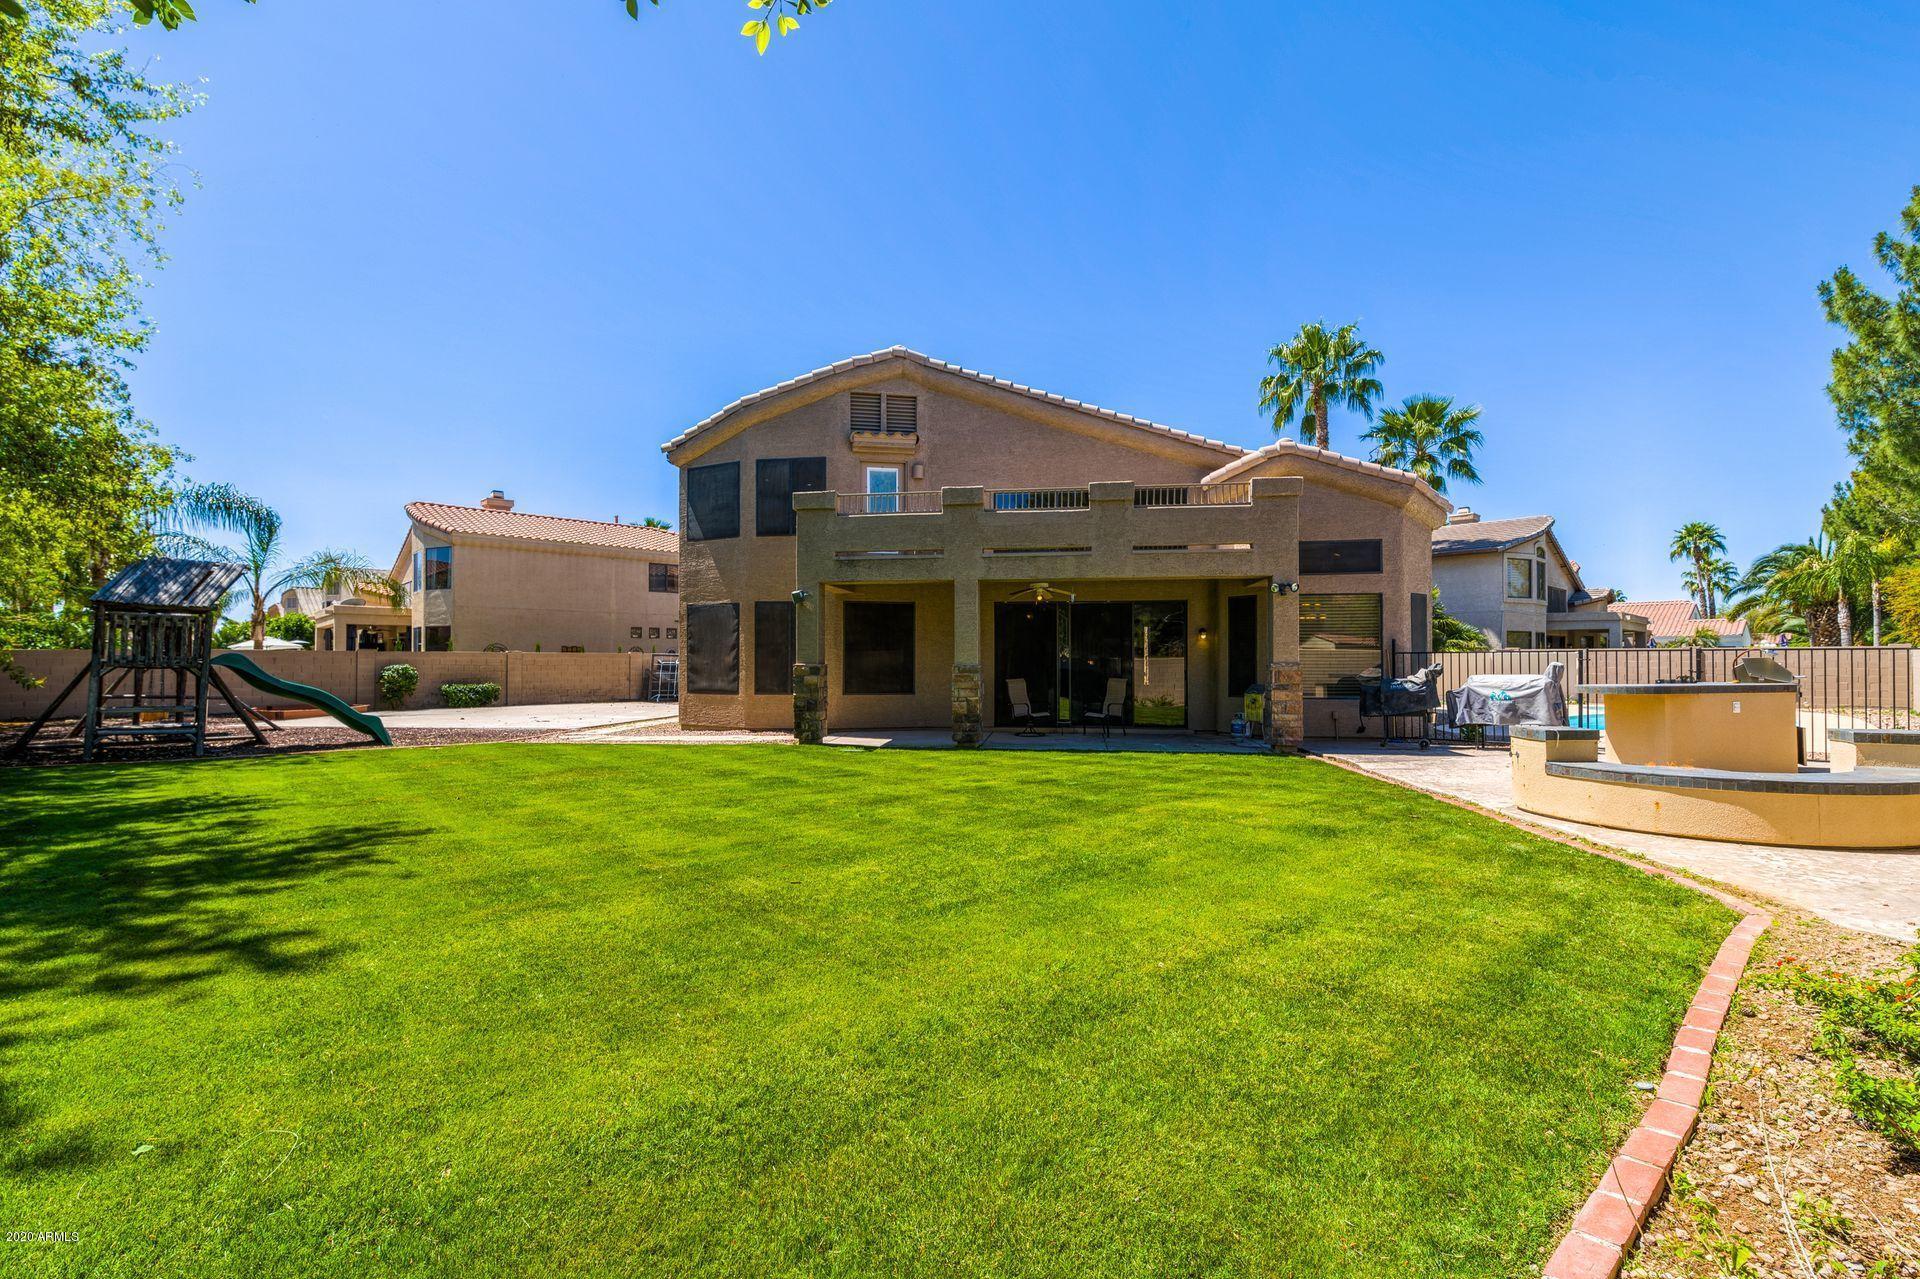 MLS 6062833 612 W HONEYSUCKLE Drive, Chandler, AZ 85248 4 Bedroom Homes